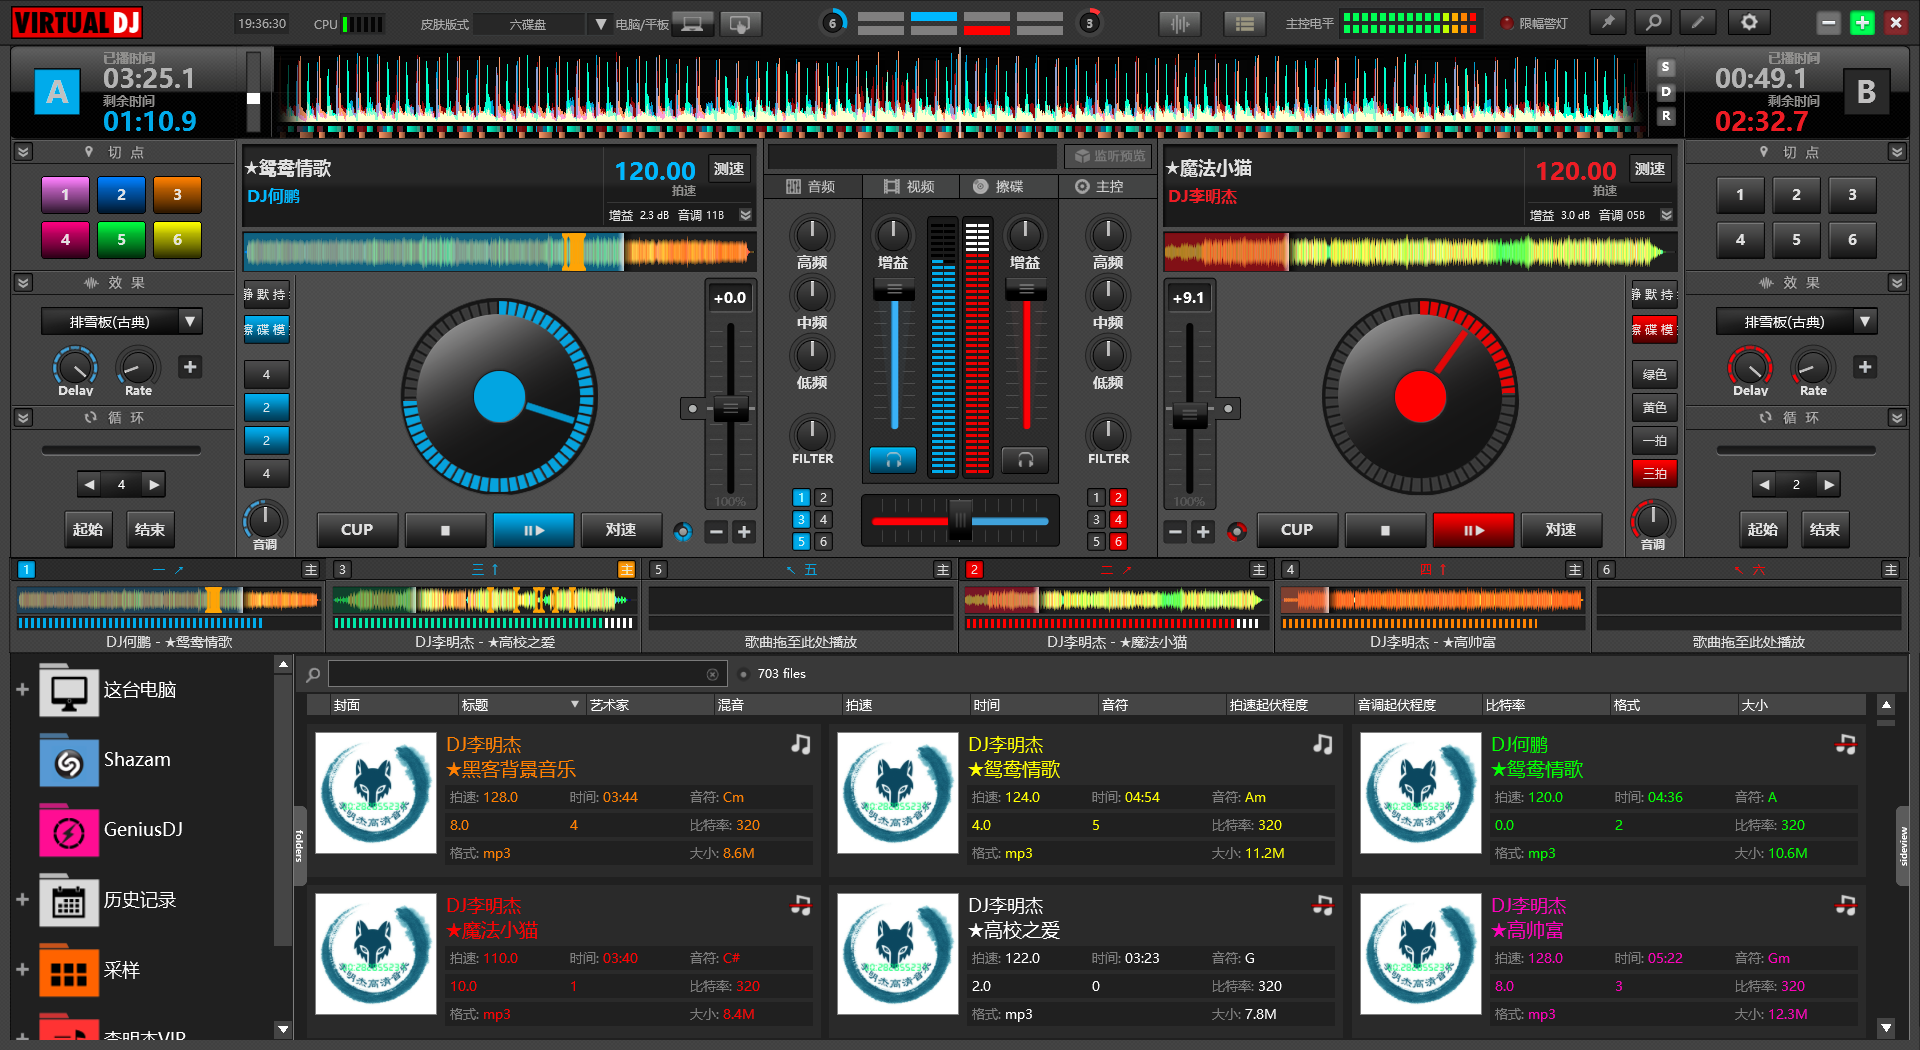 virtual dj atomix